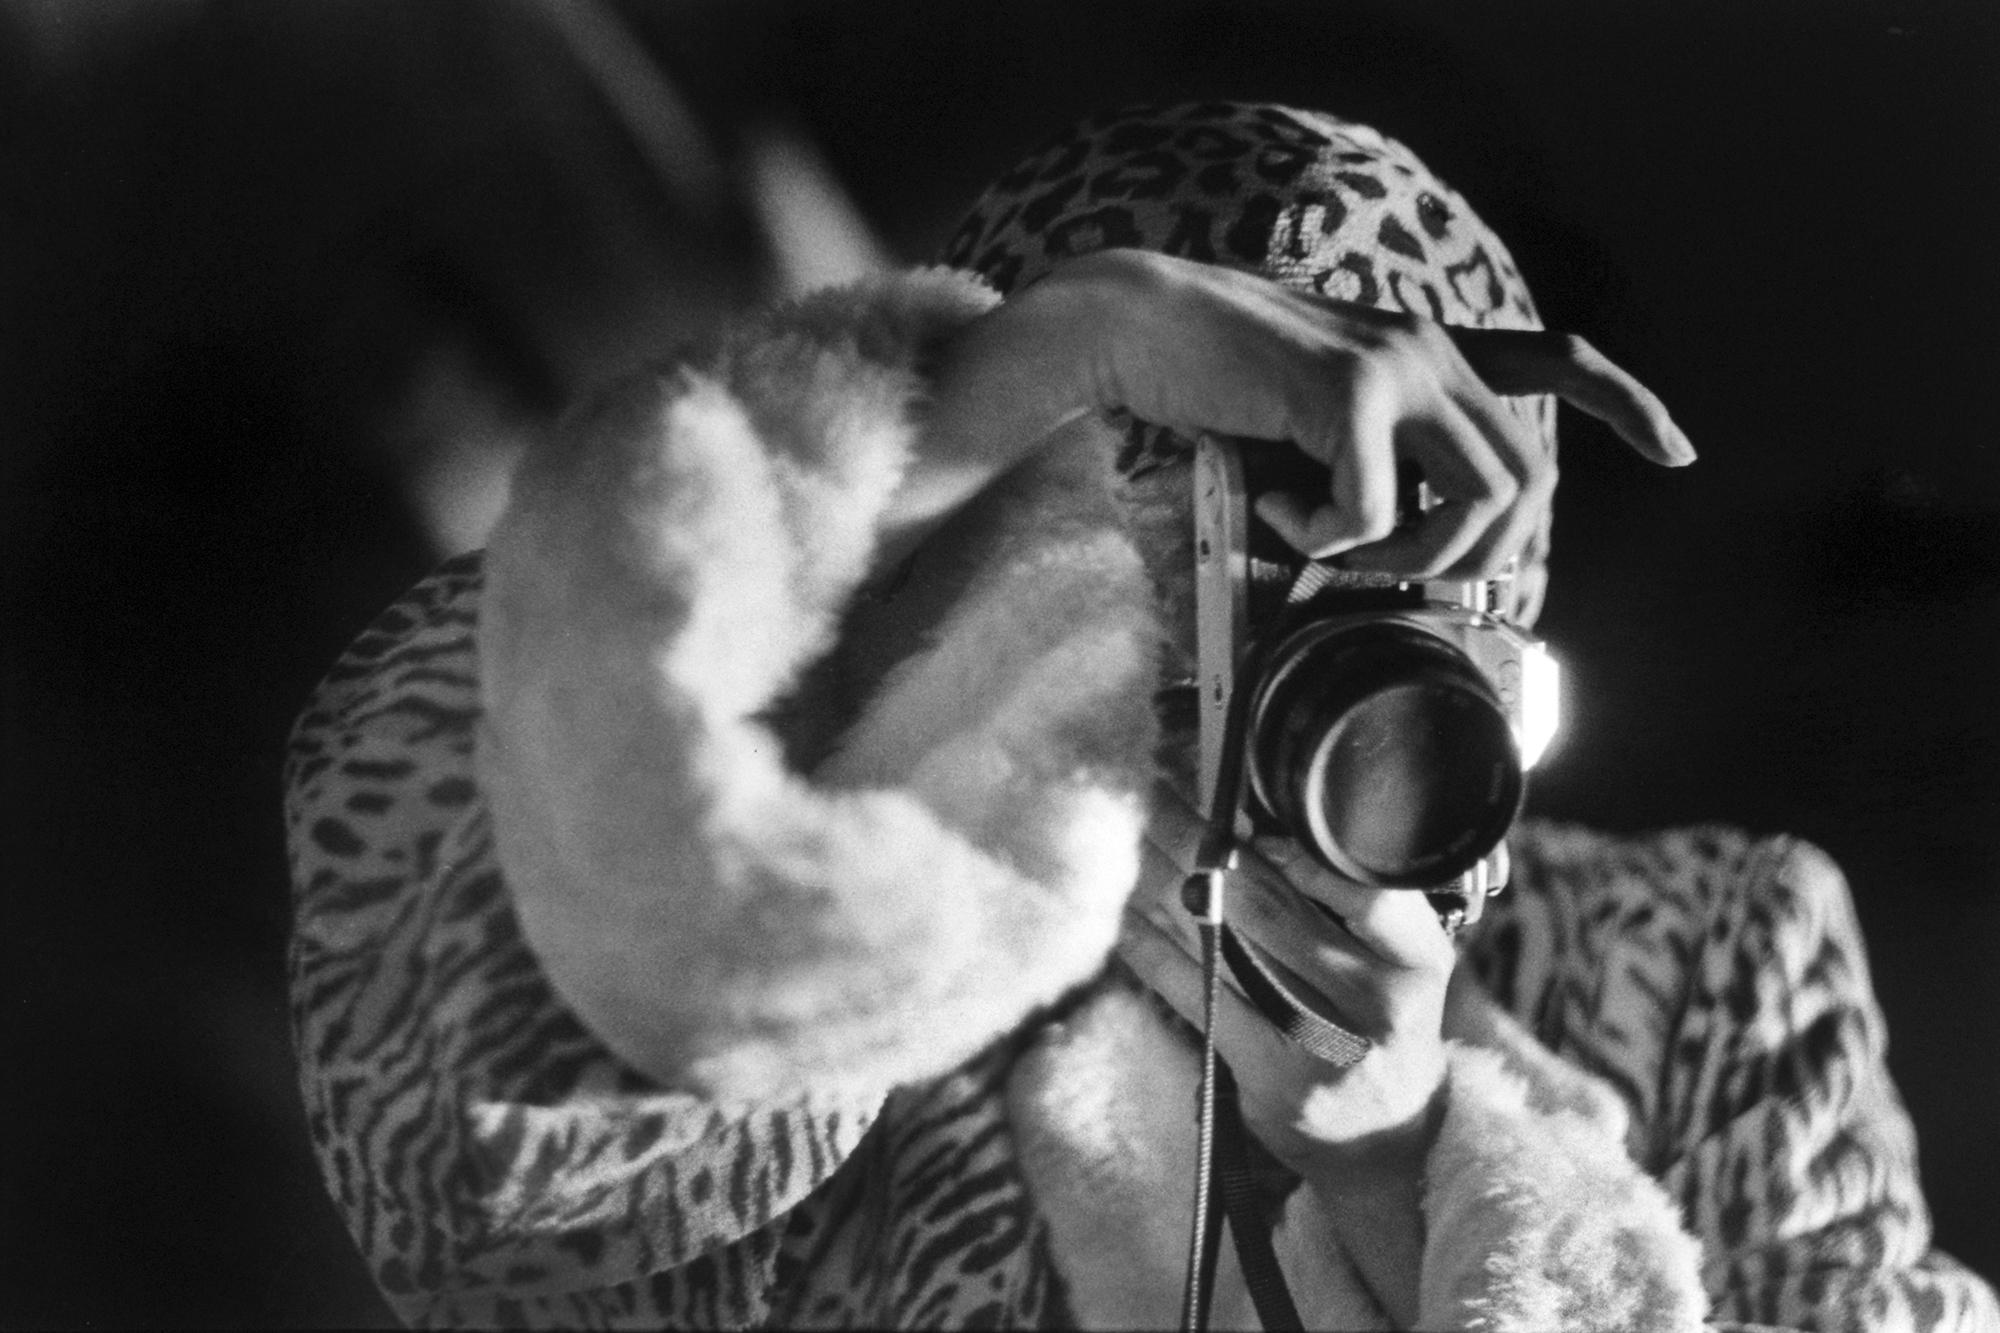 007photographe GR.JPG